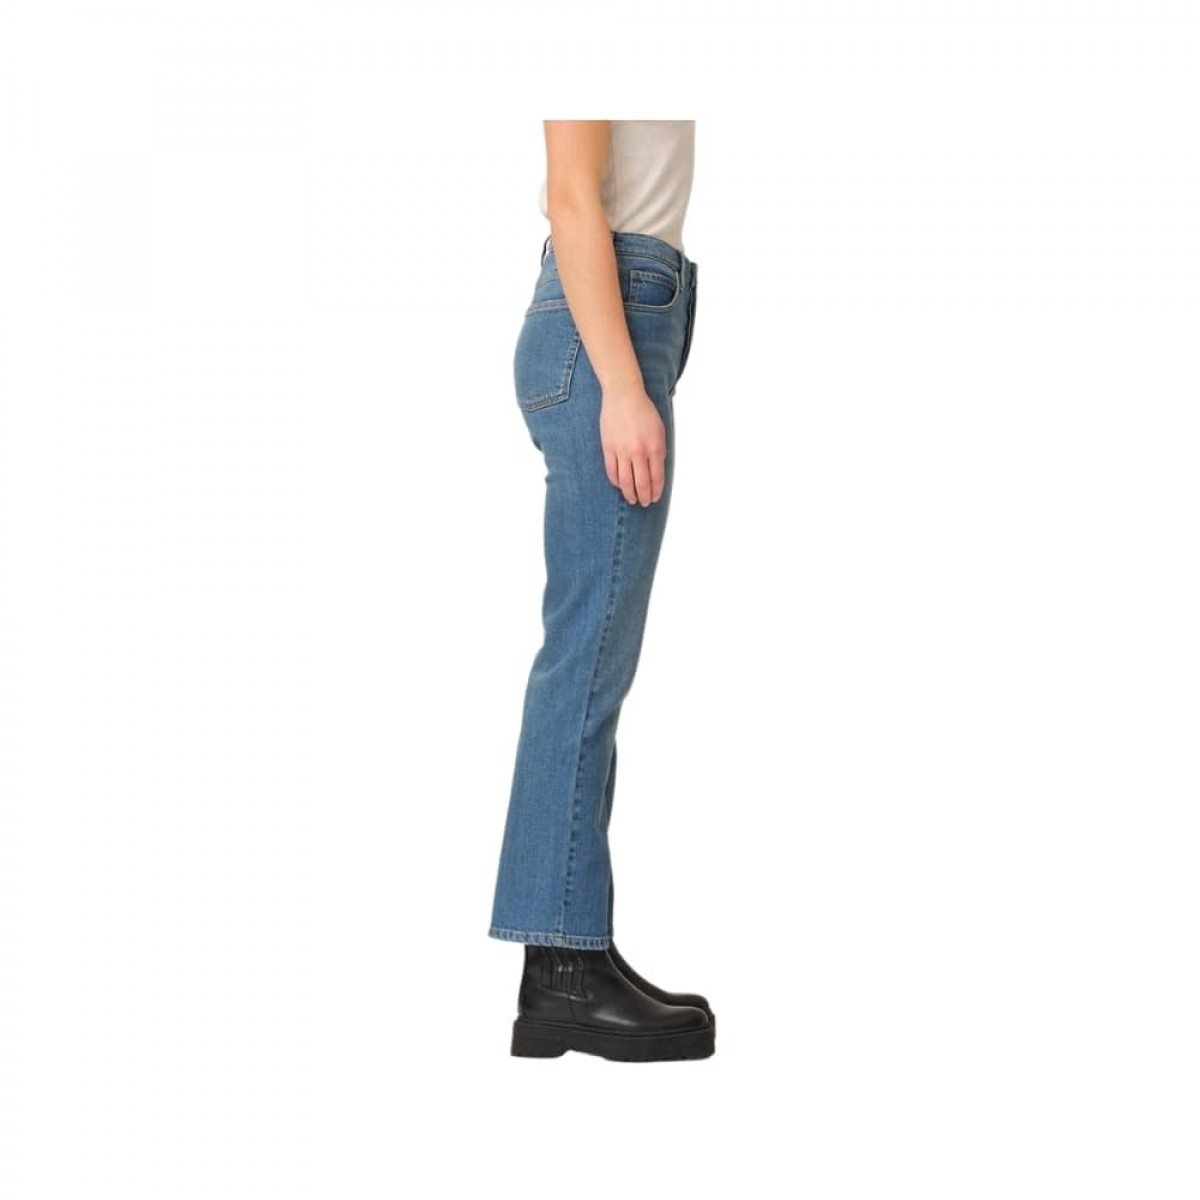 marston jeans - wash kairo - model fra siden